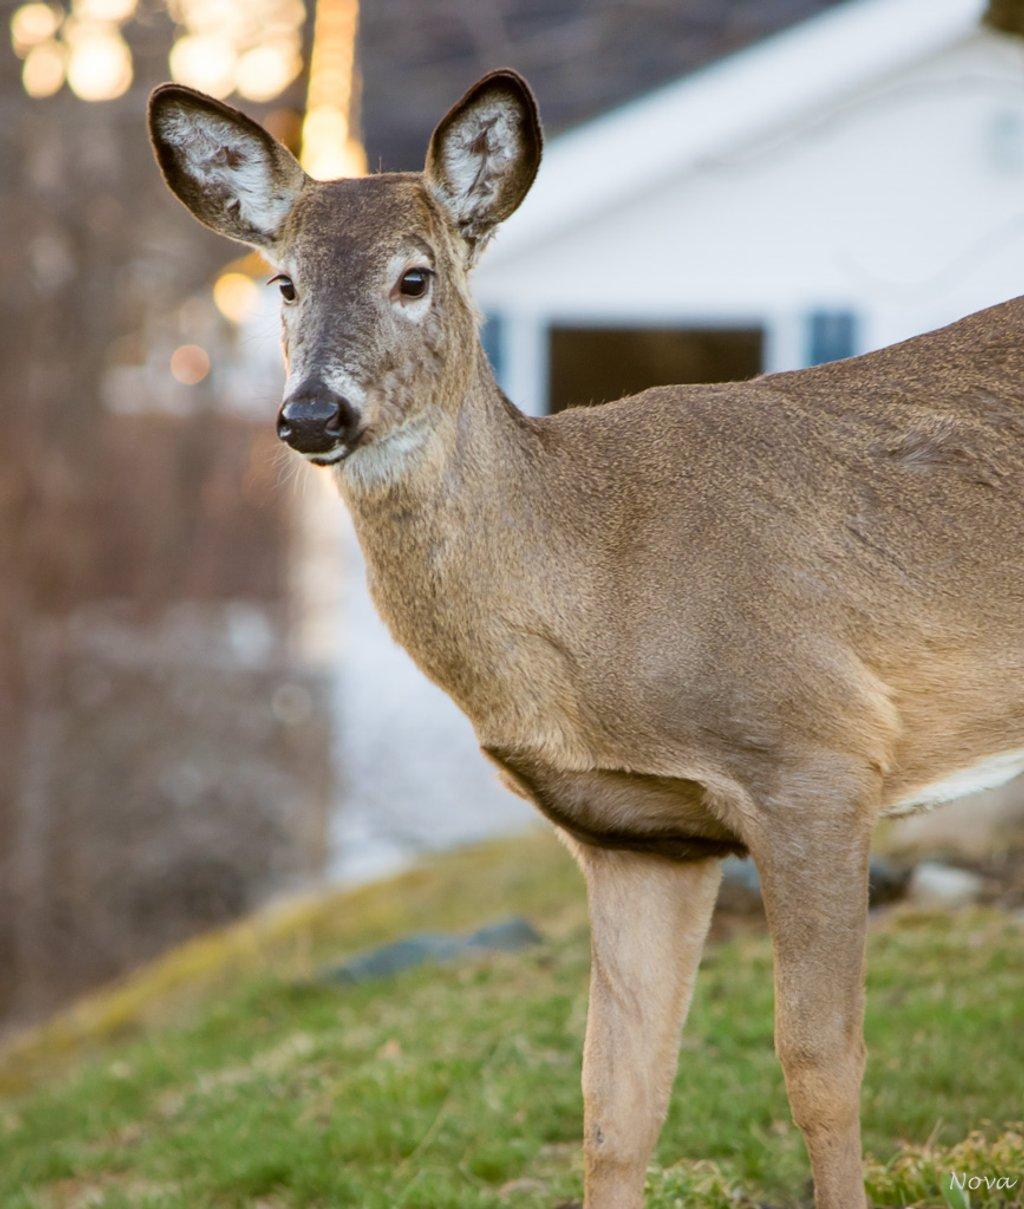 Deer by novab